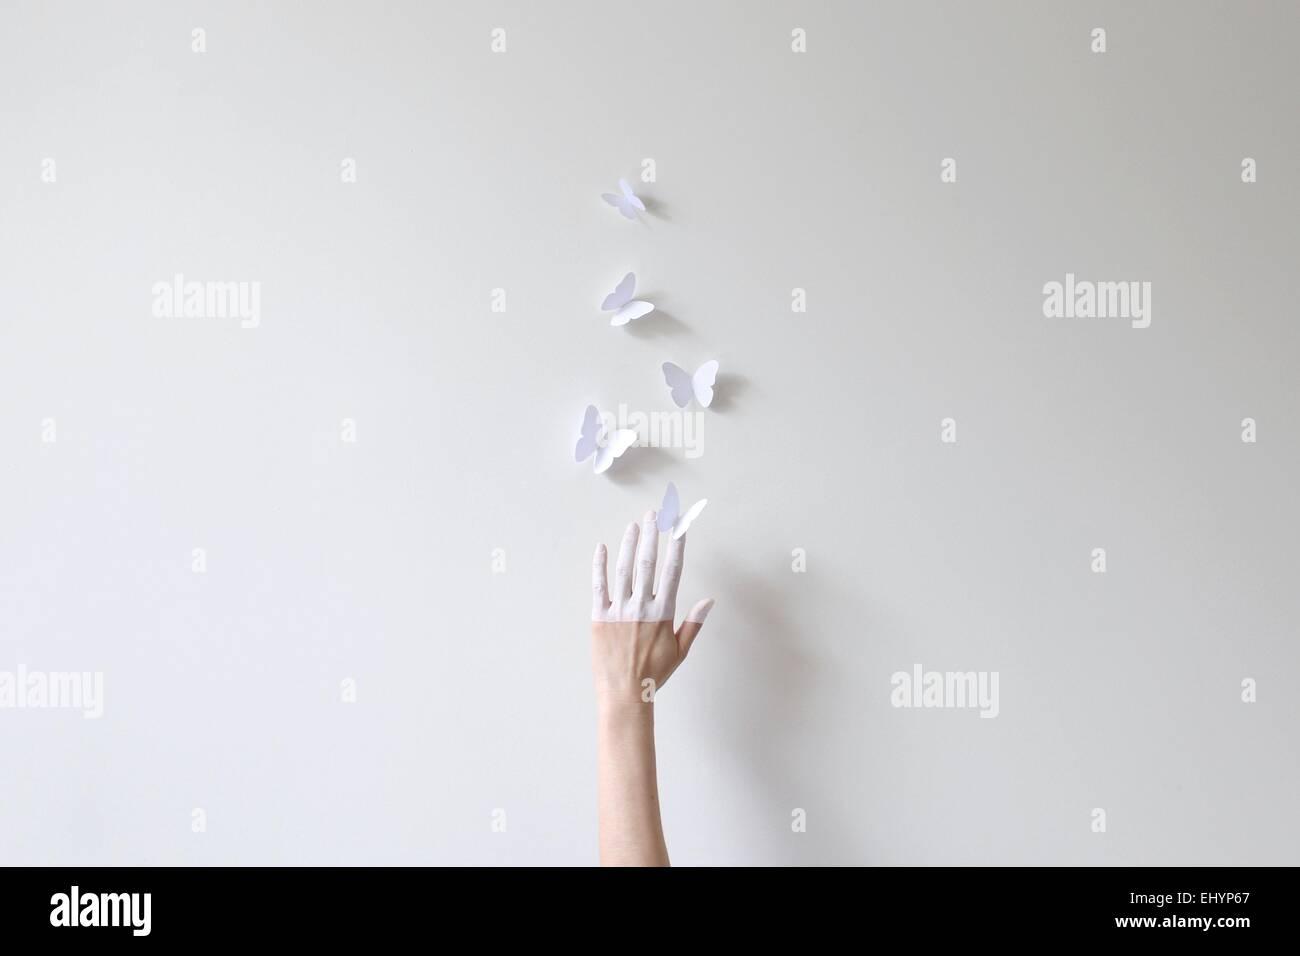 La mitad de una mano pintada en blanco alcanza para mariposas de papel contra la pared blanca Imagen De Stock